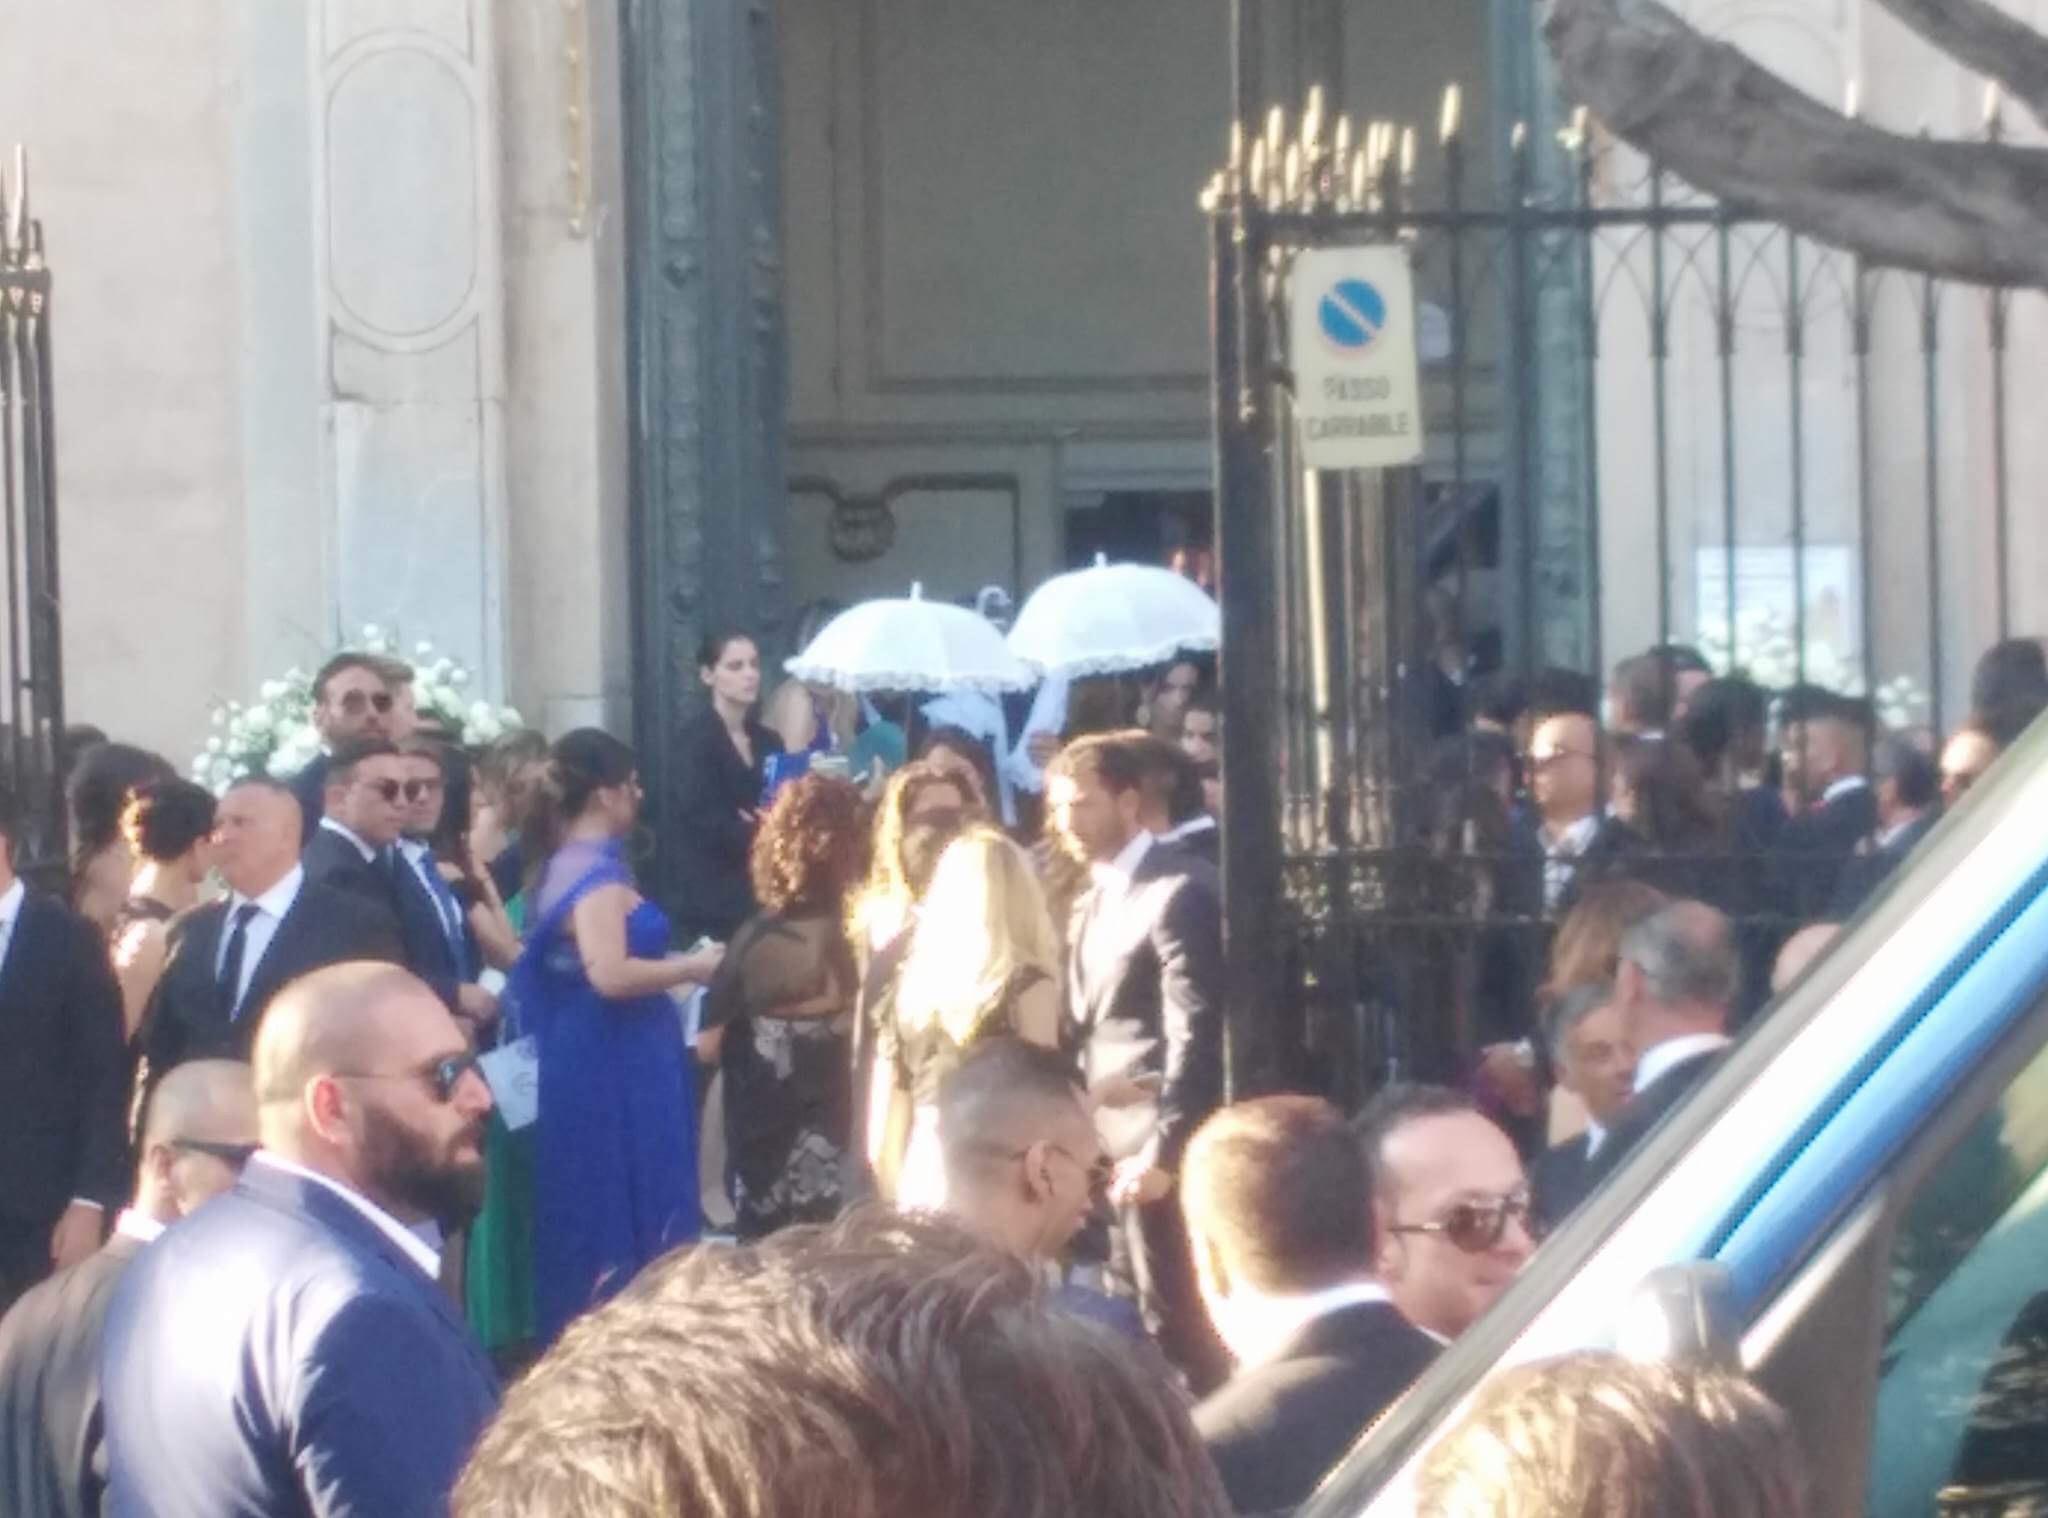 Matrimonio Belotti : Foto matrimonio belotti ecco le bomboniere scelte dagli